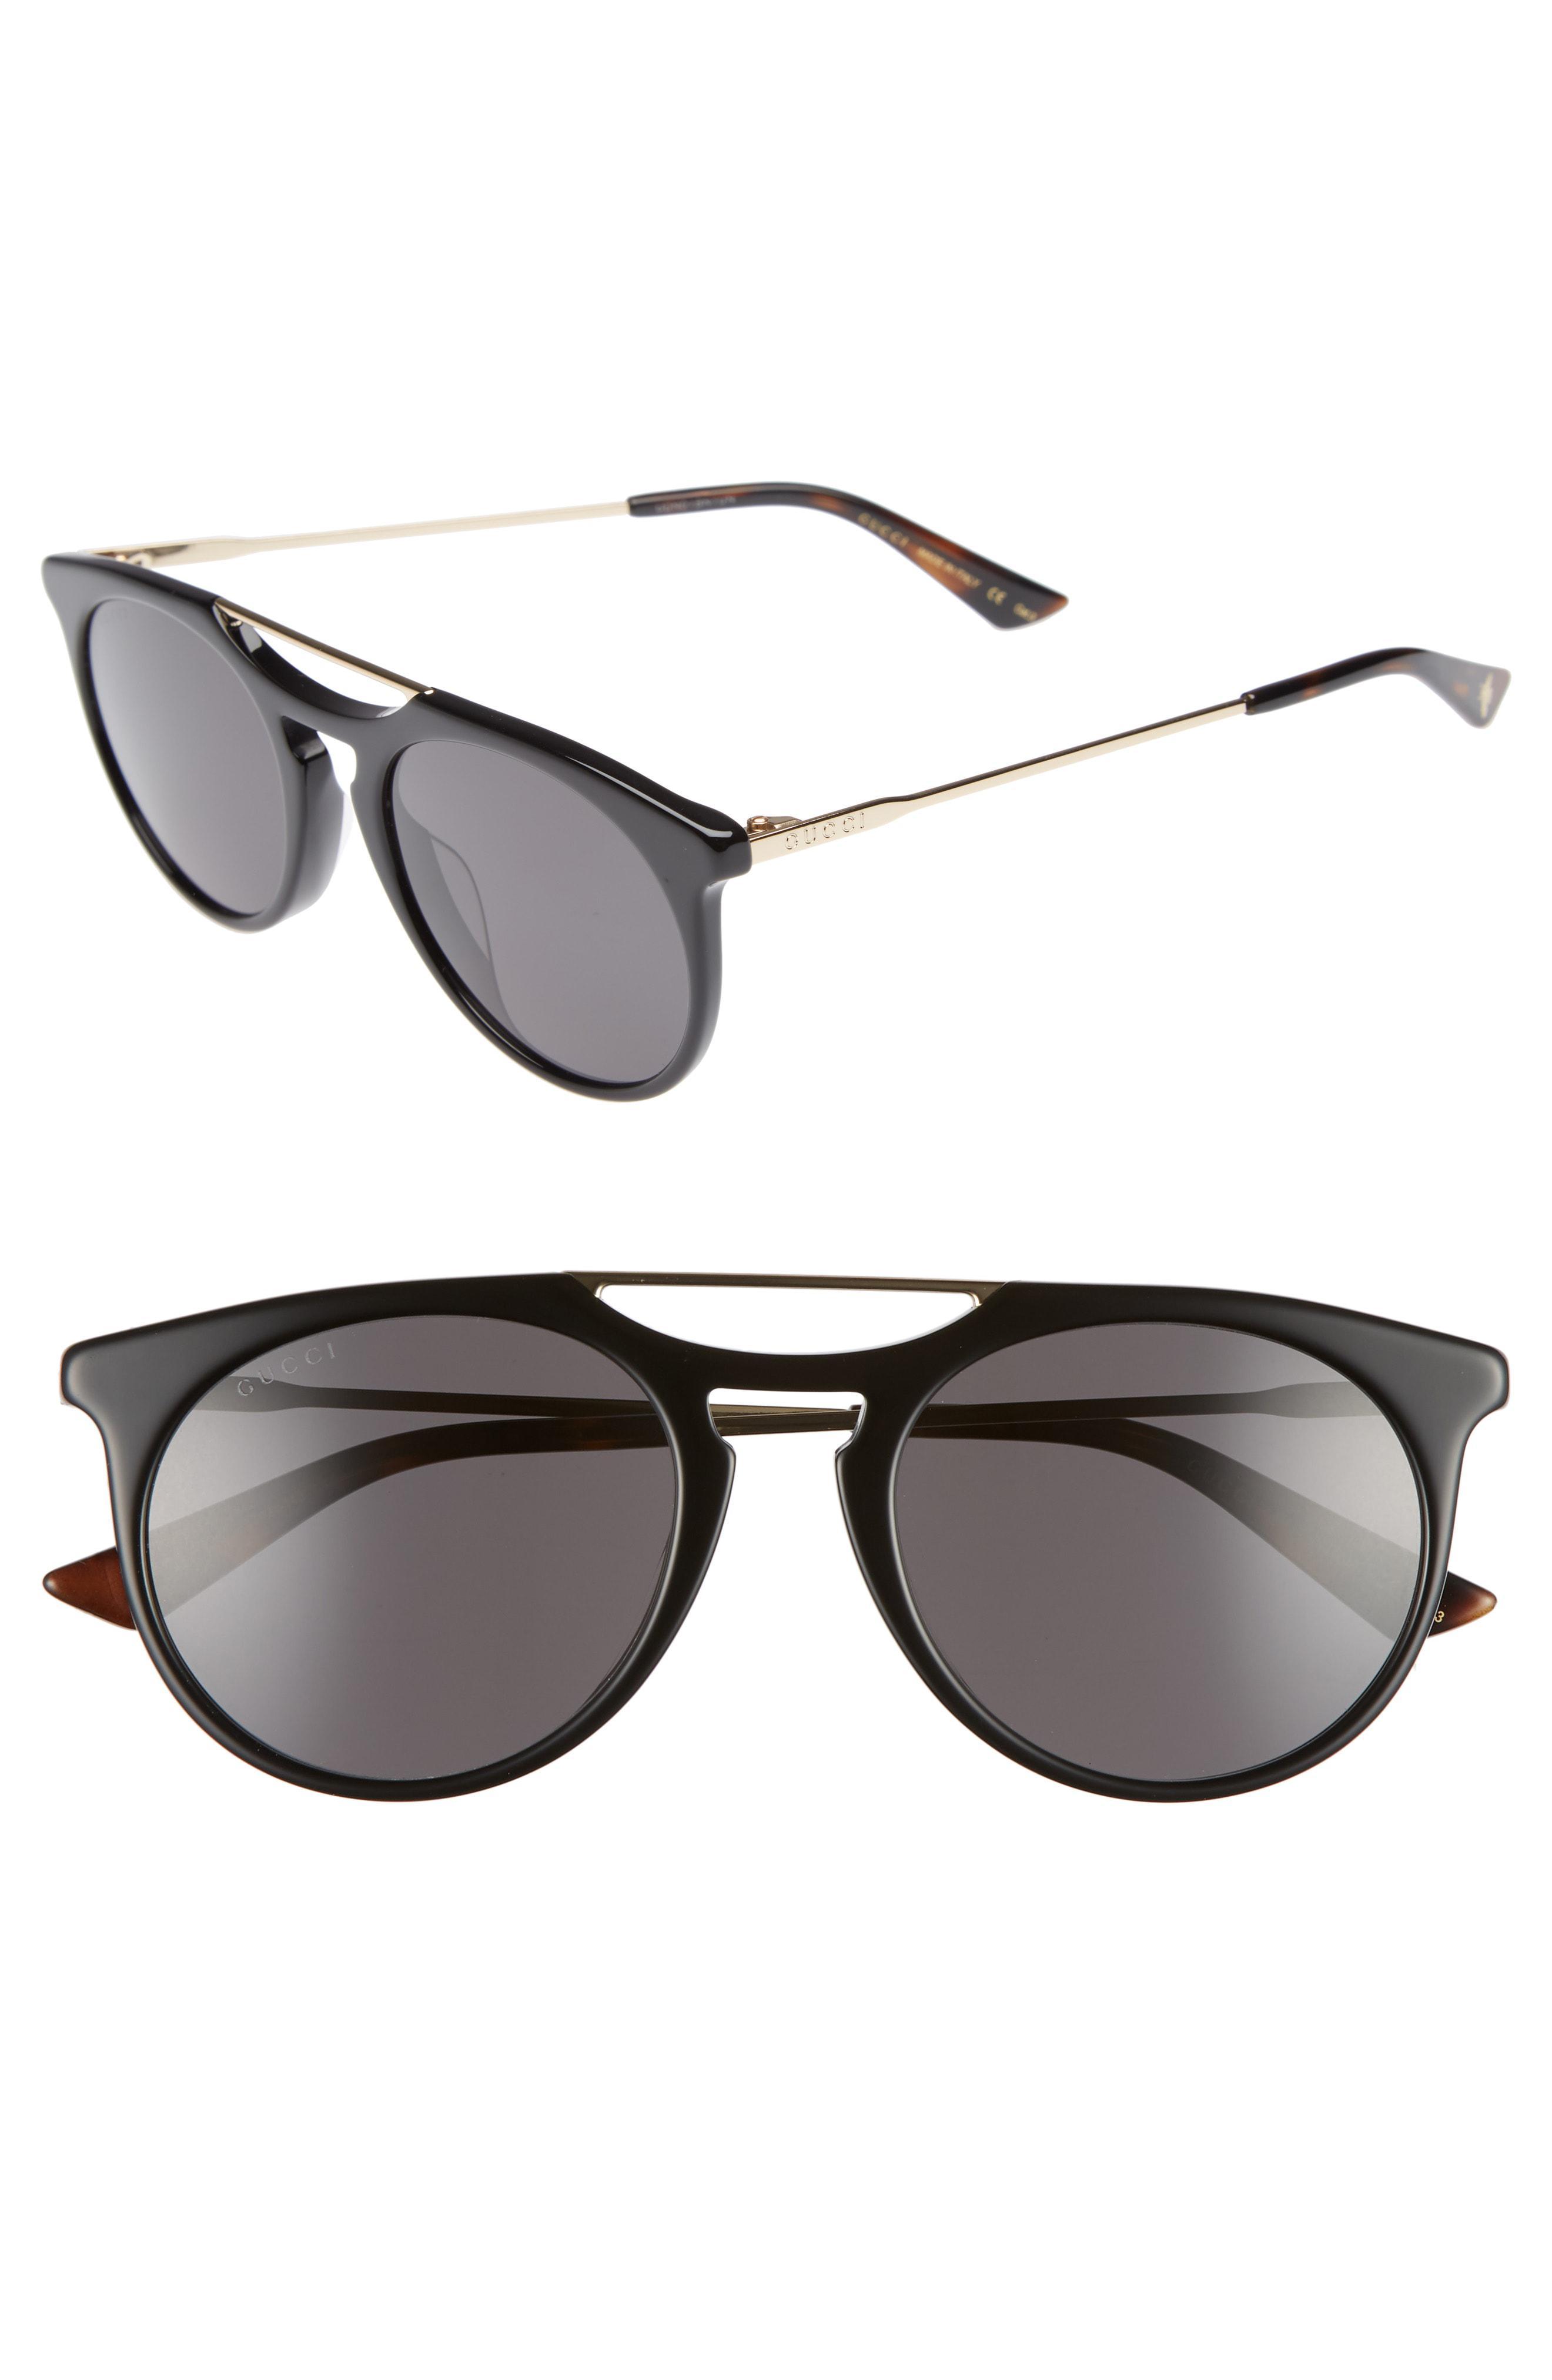 00075855d5c Gucci - Gray Light Combi 53mm Sunglasses - for Men - Lyst. View fullscreen